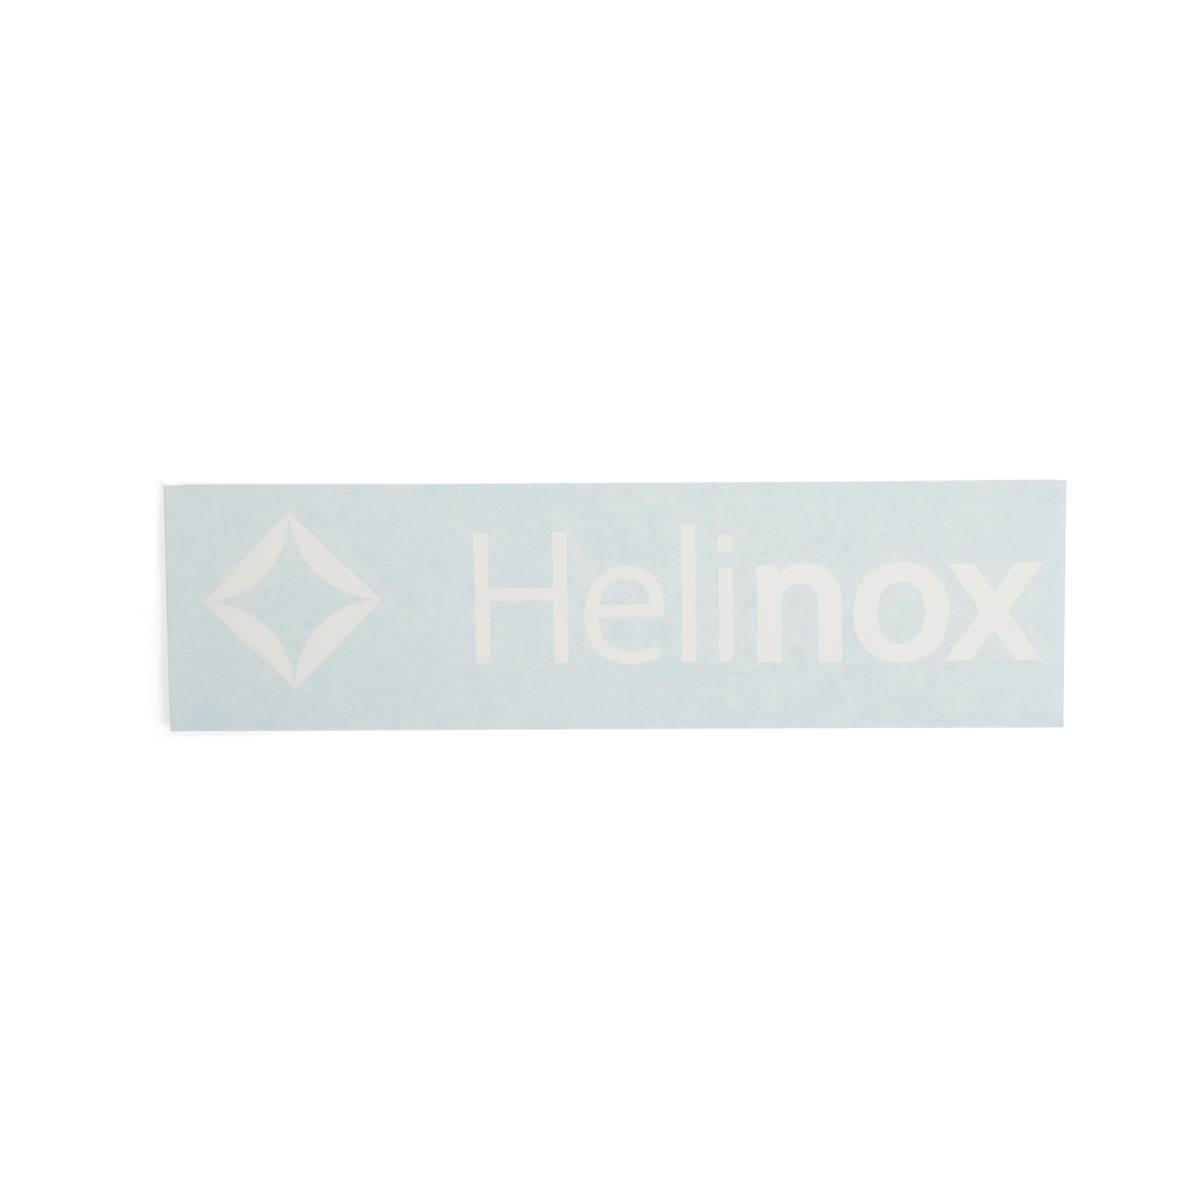 Helinox(ヘリノックス)/Helinox ロゴステッカー L / リウレクティブ